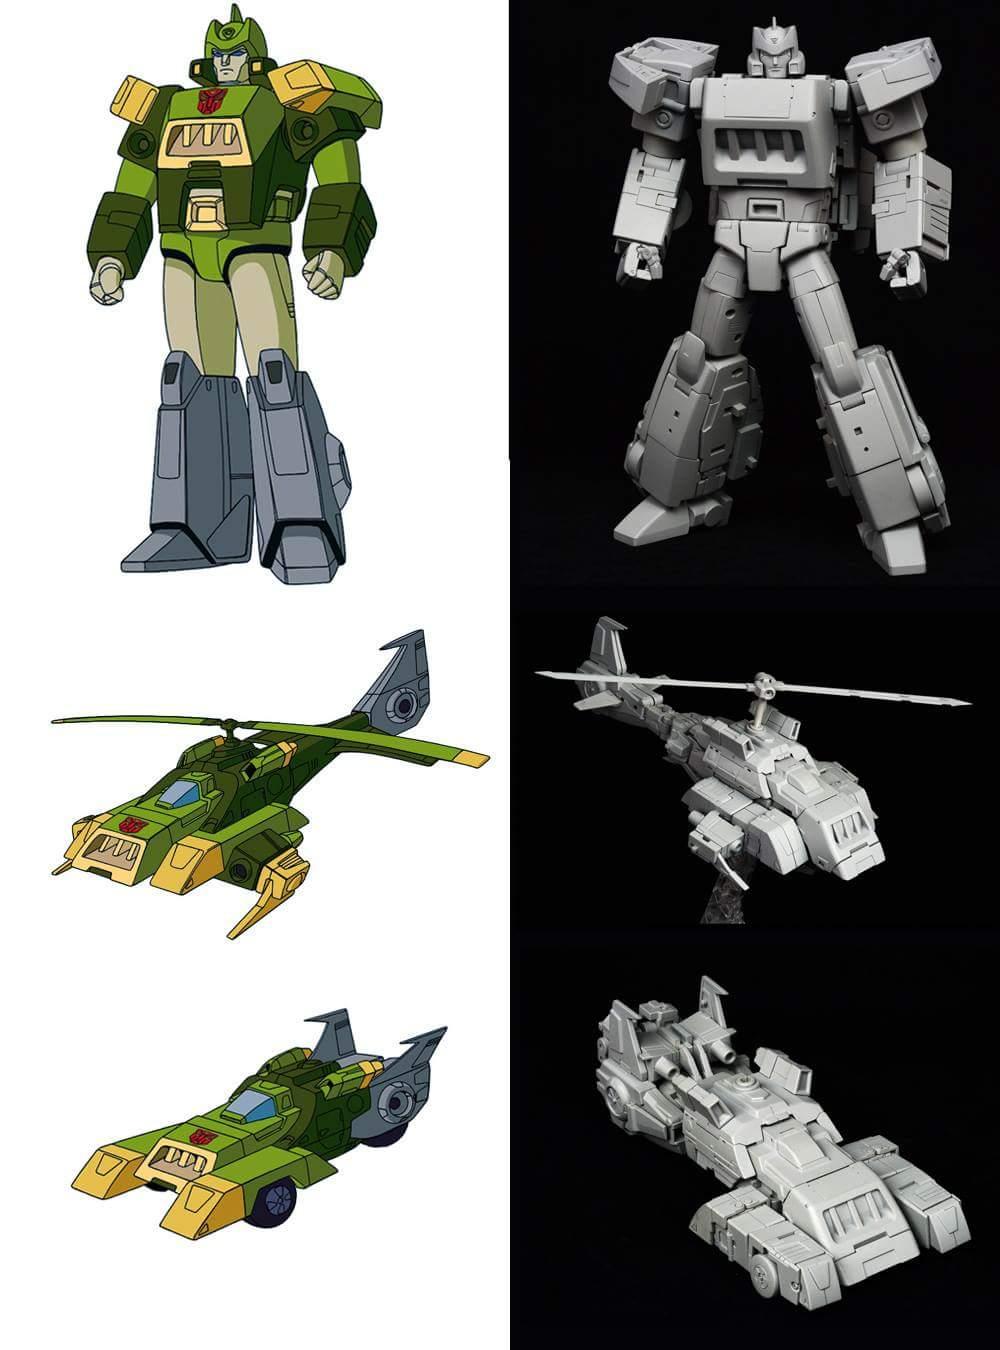 [Fanstoys] Produit Tiers - Jouet FT-19 Apache - aka Springer/Ricochet 2NaZCB1h